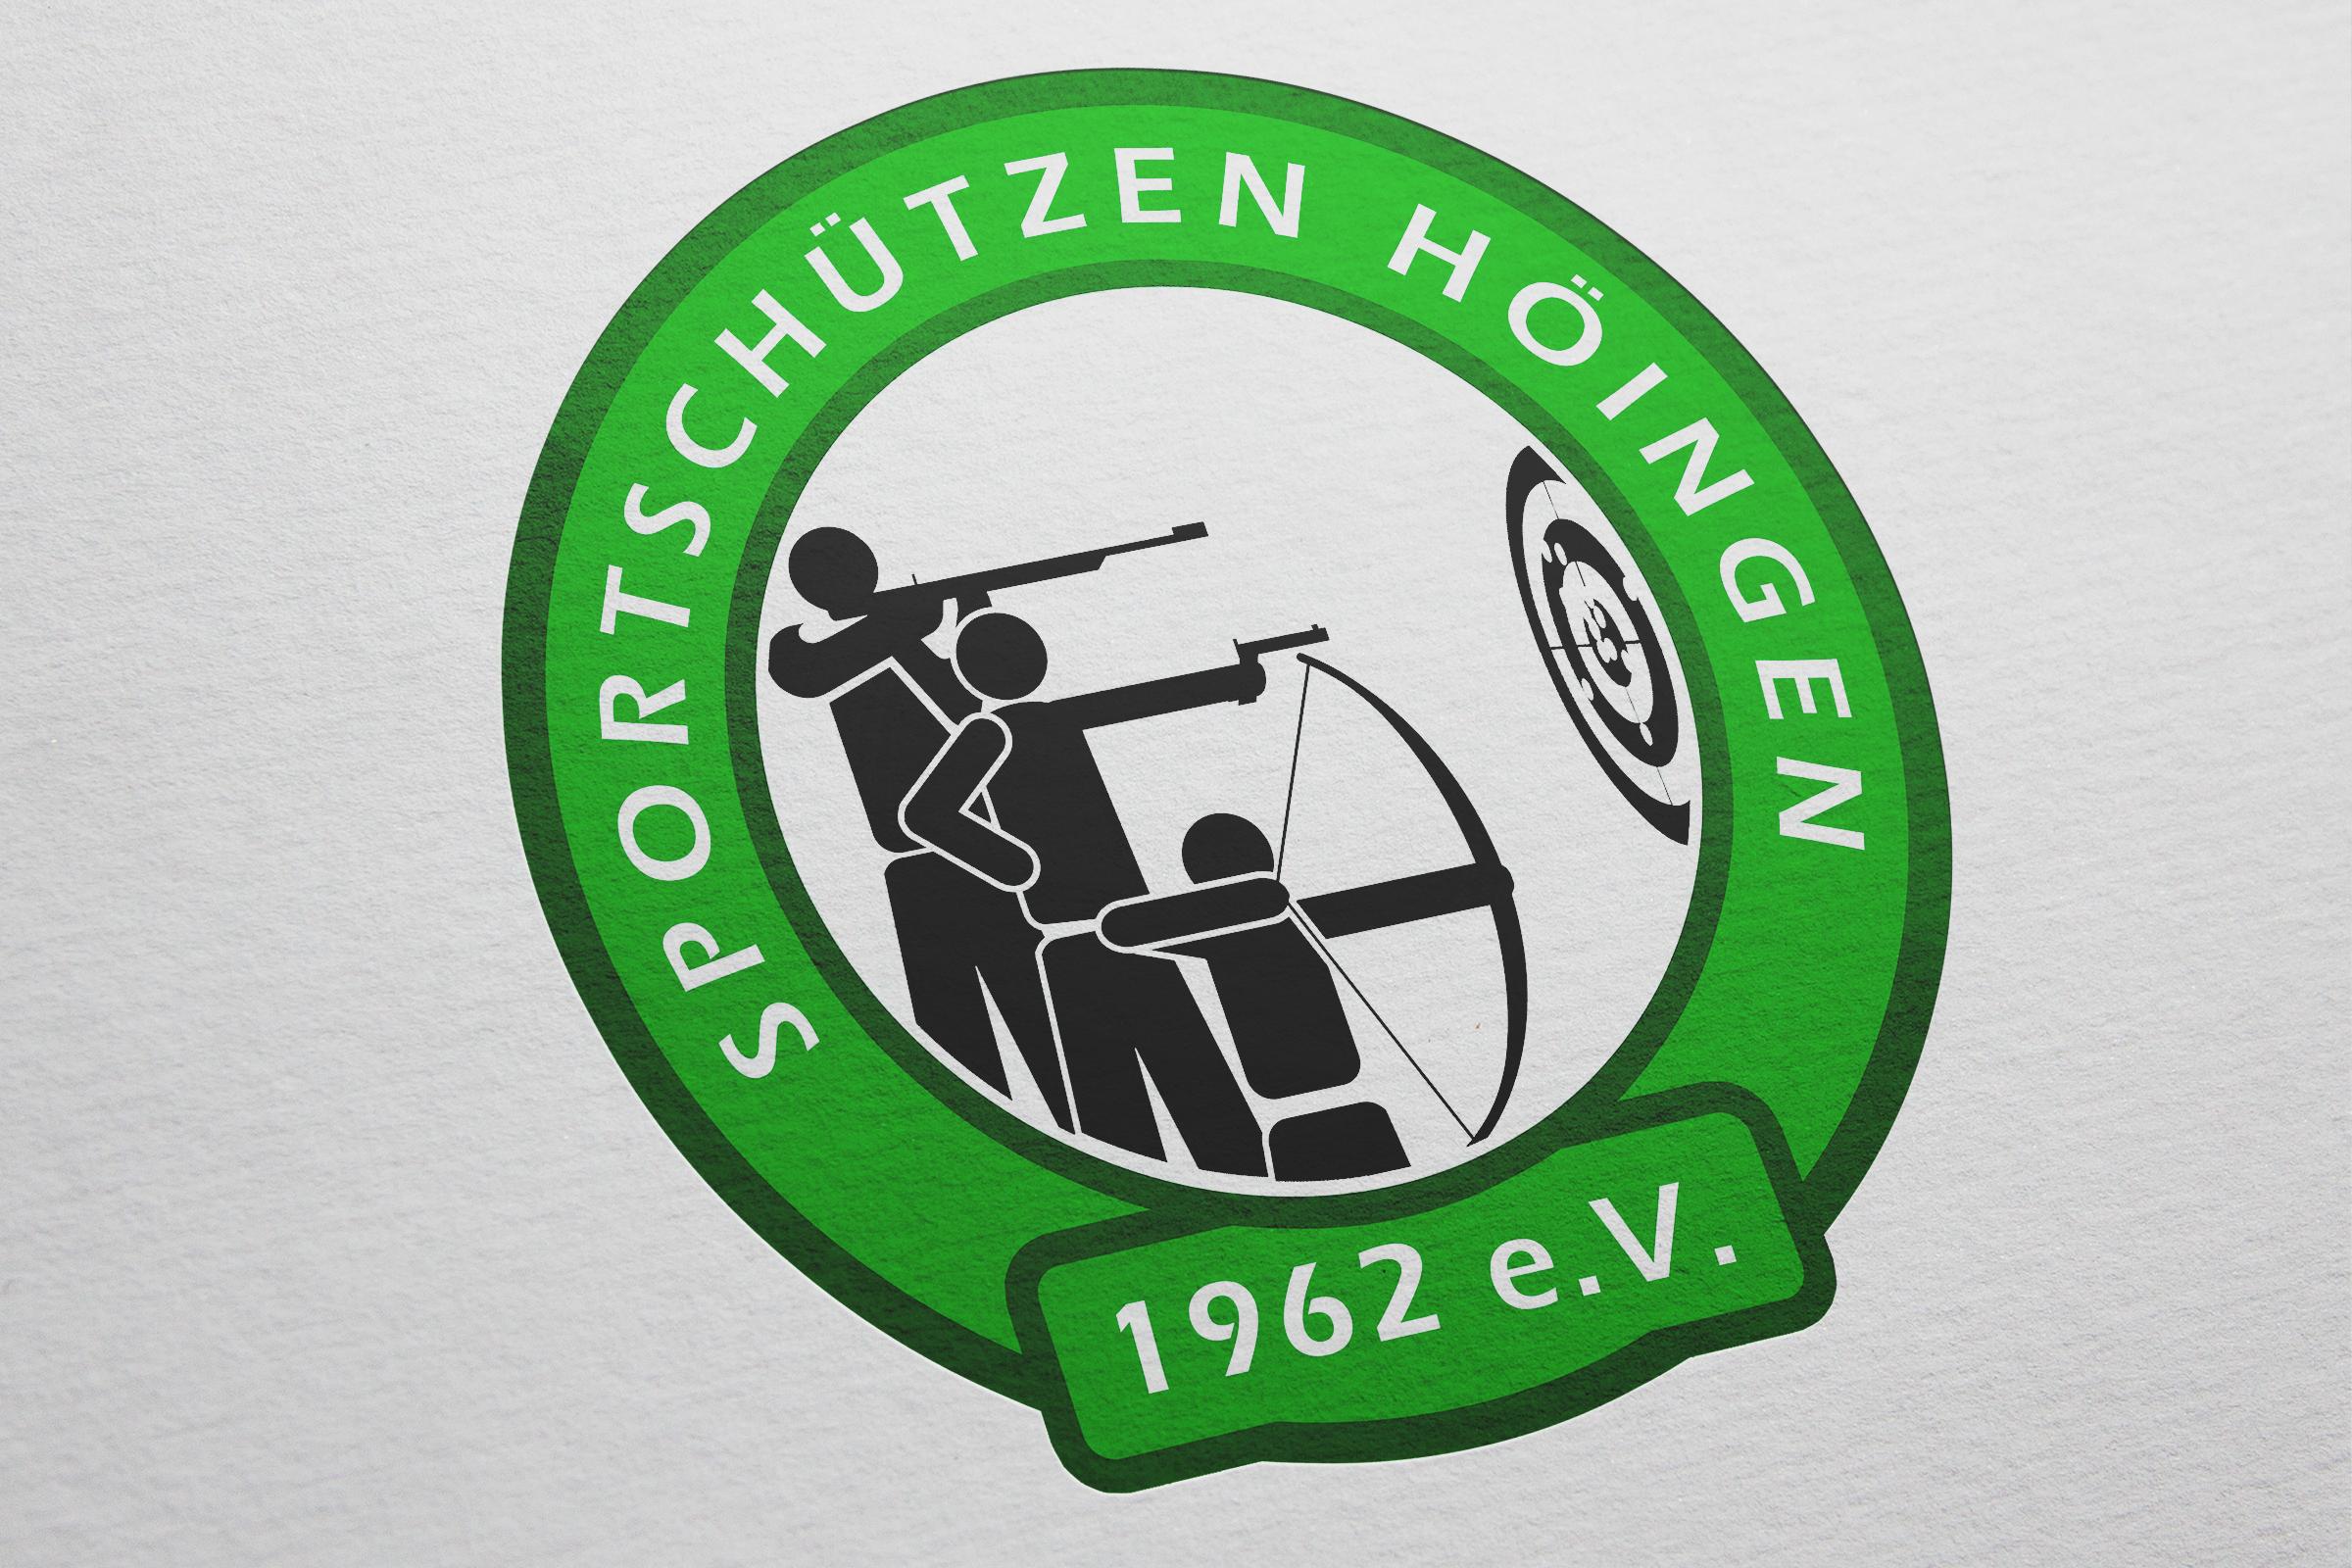 Logo SSC Höingen e.V. – CR Mediendesign